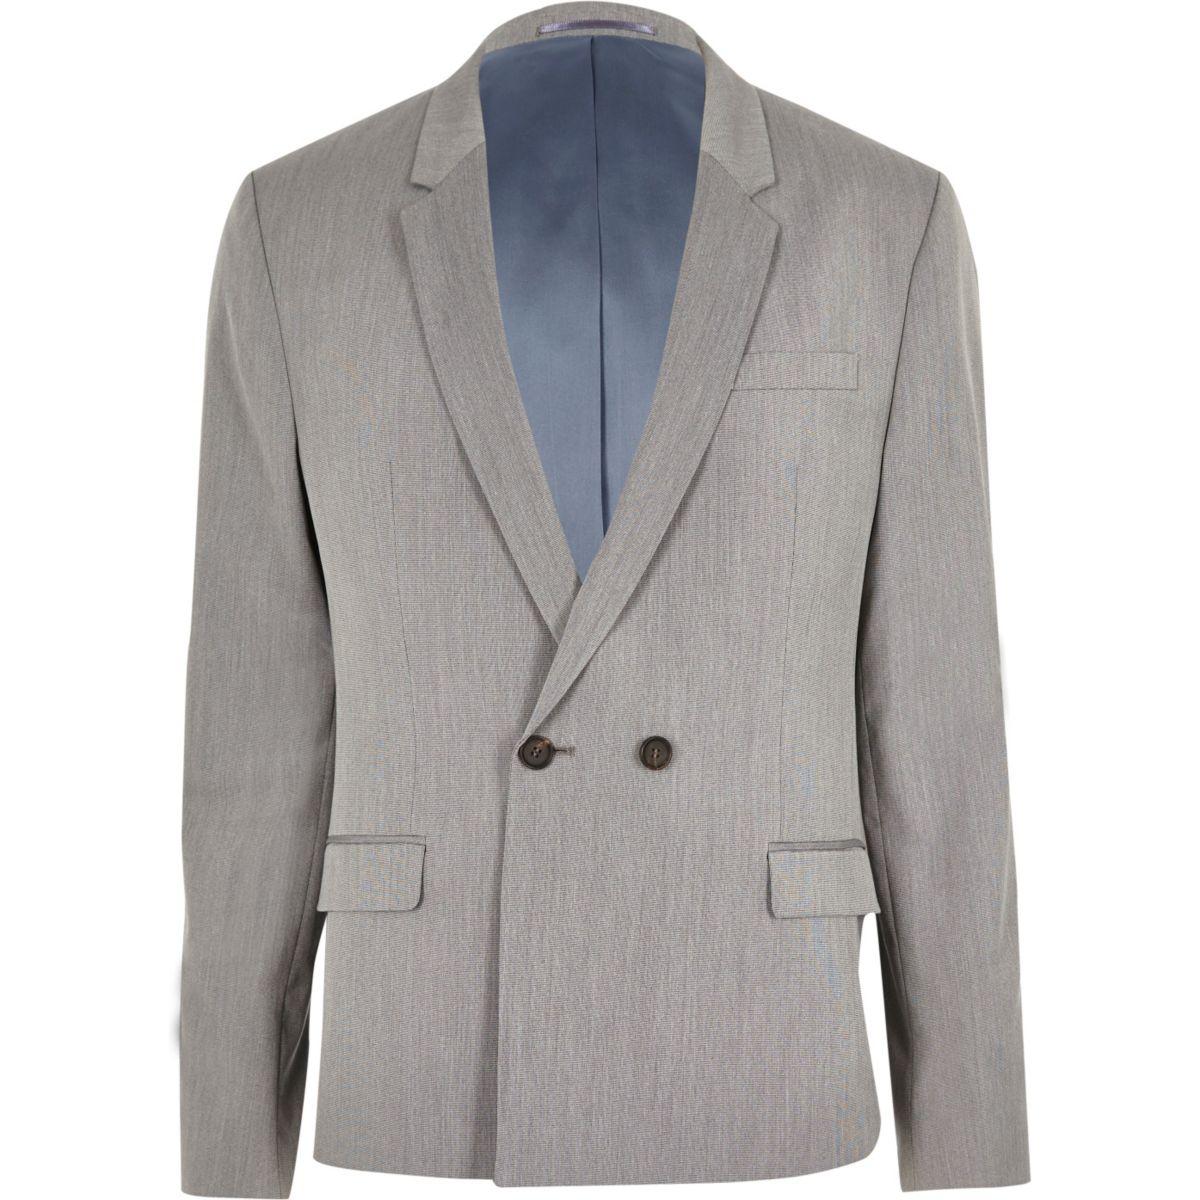 Veste de costume grise croisée skinny